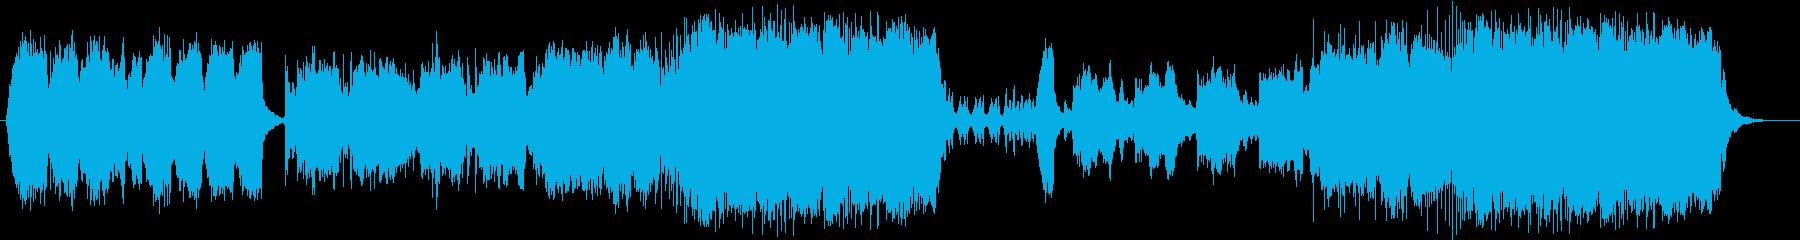 切ないメロディの際立つバラードの再生済みの波形